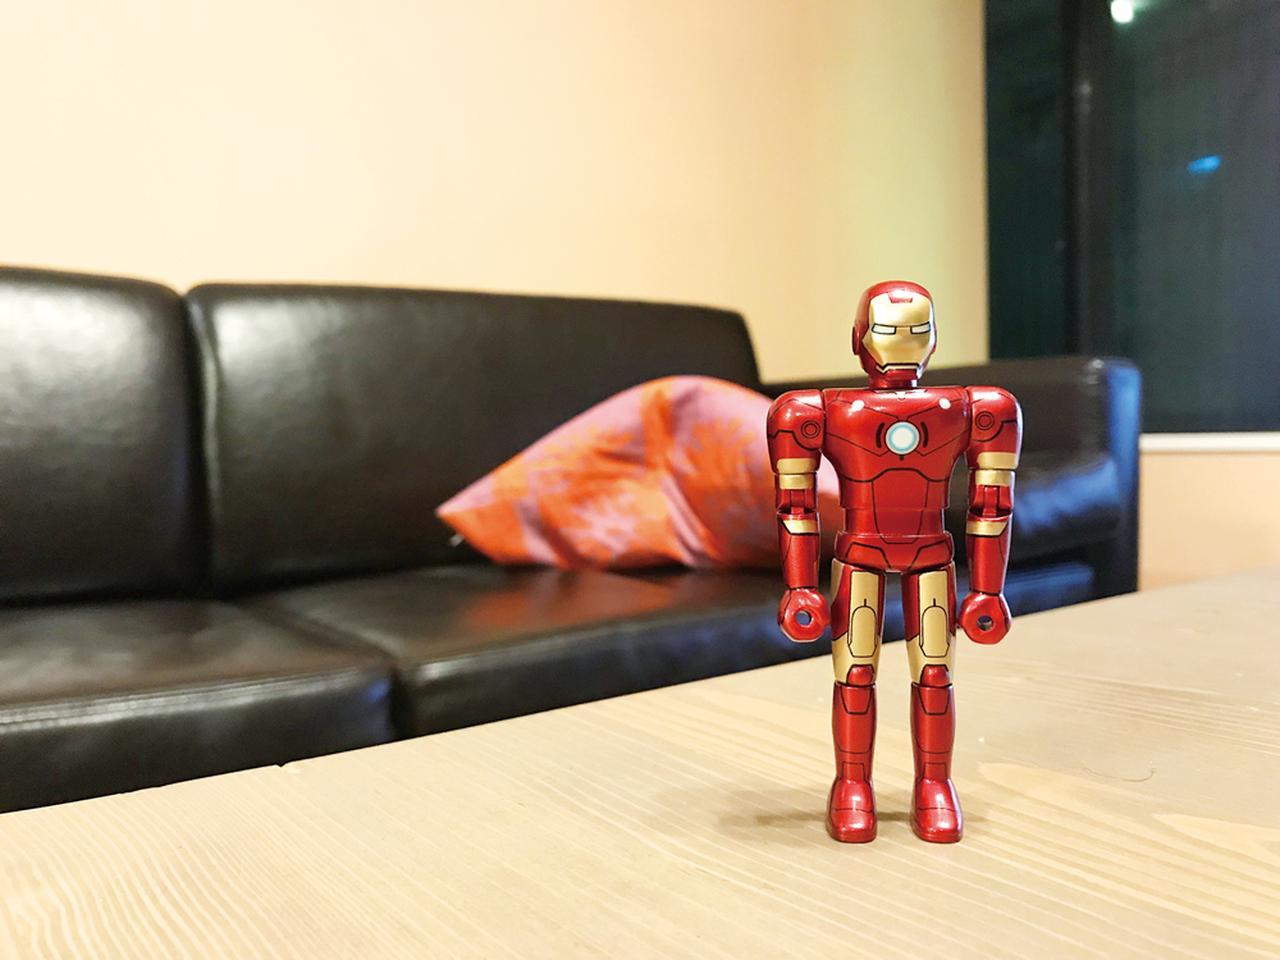 画像2: ヴィンテージ感覚で集めて飾りたい!超合金HEROESシリーズ始動